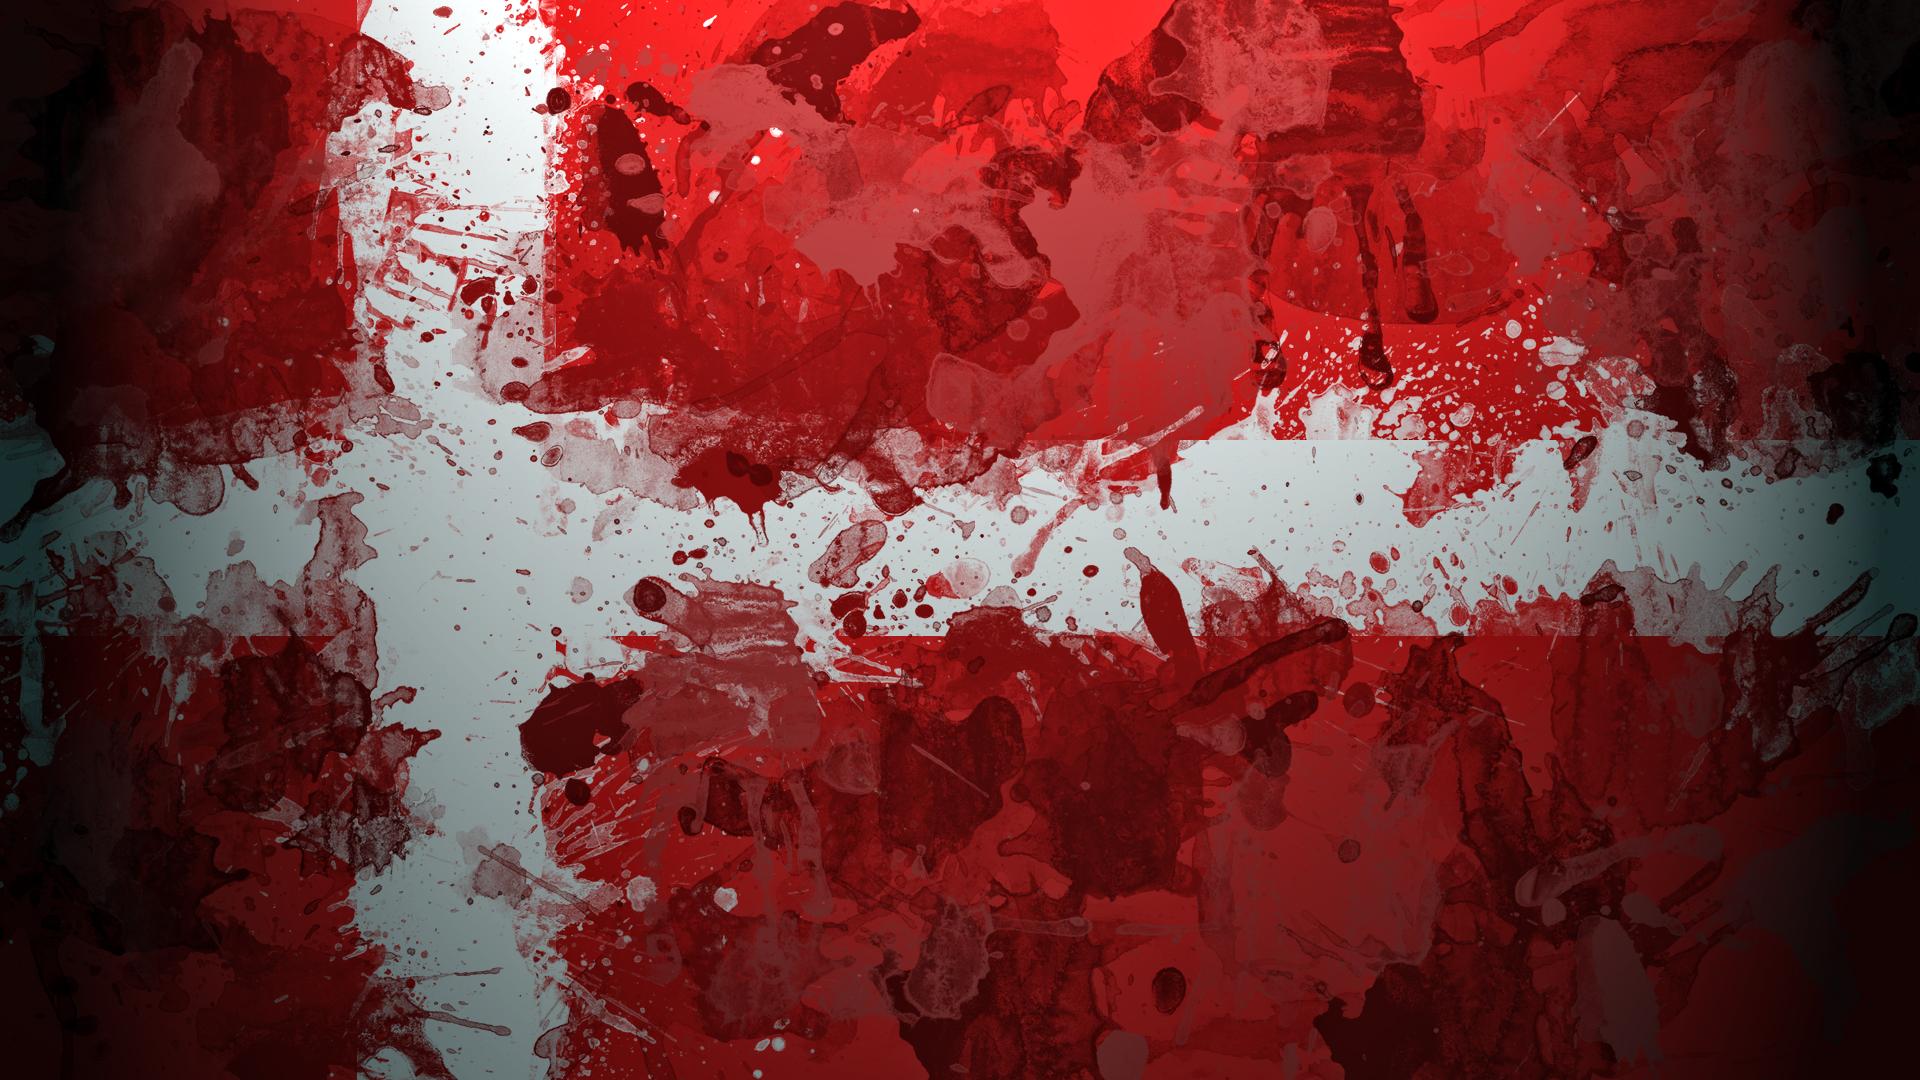 denmark wallpaper - photo #27